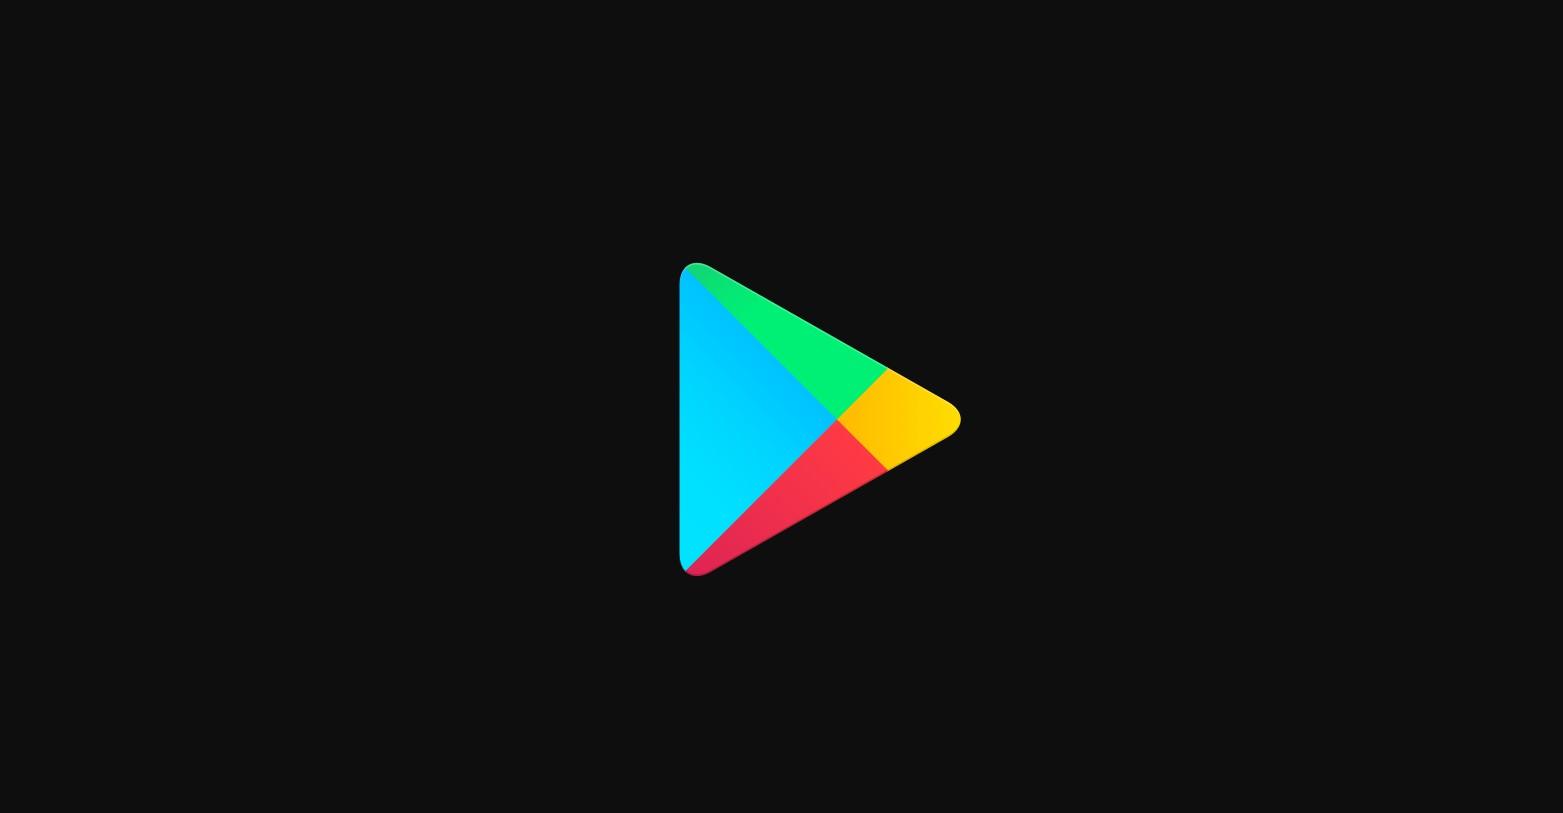 Obchod Play neukáže notifikace o aktualizovaných aplikacích